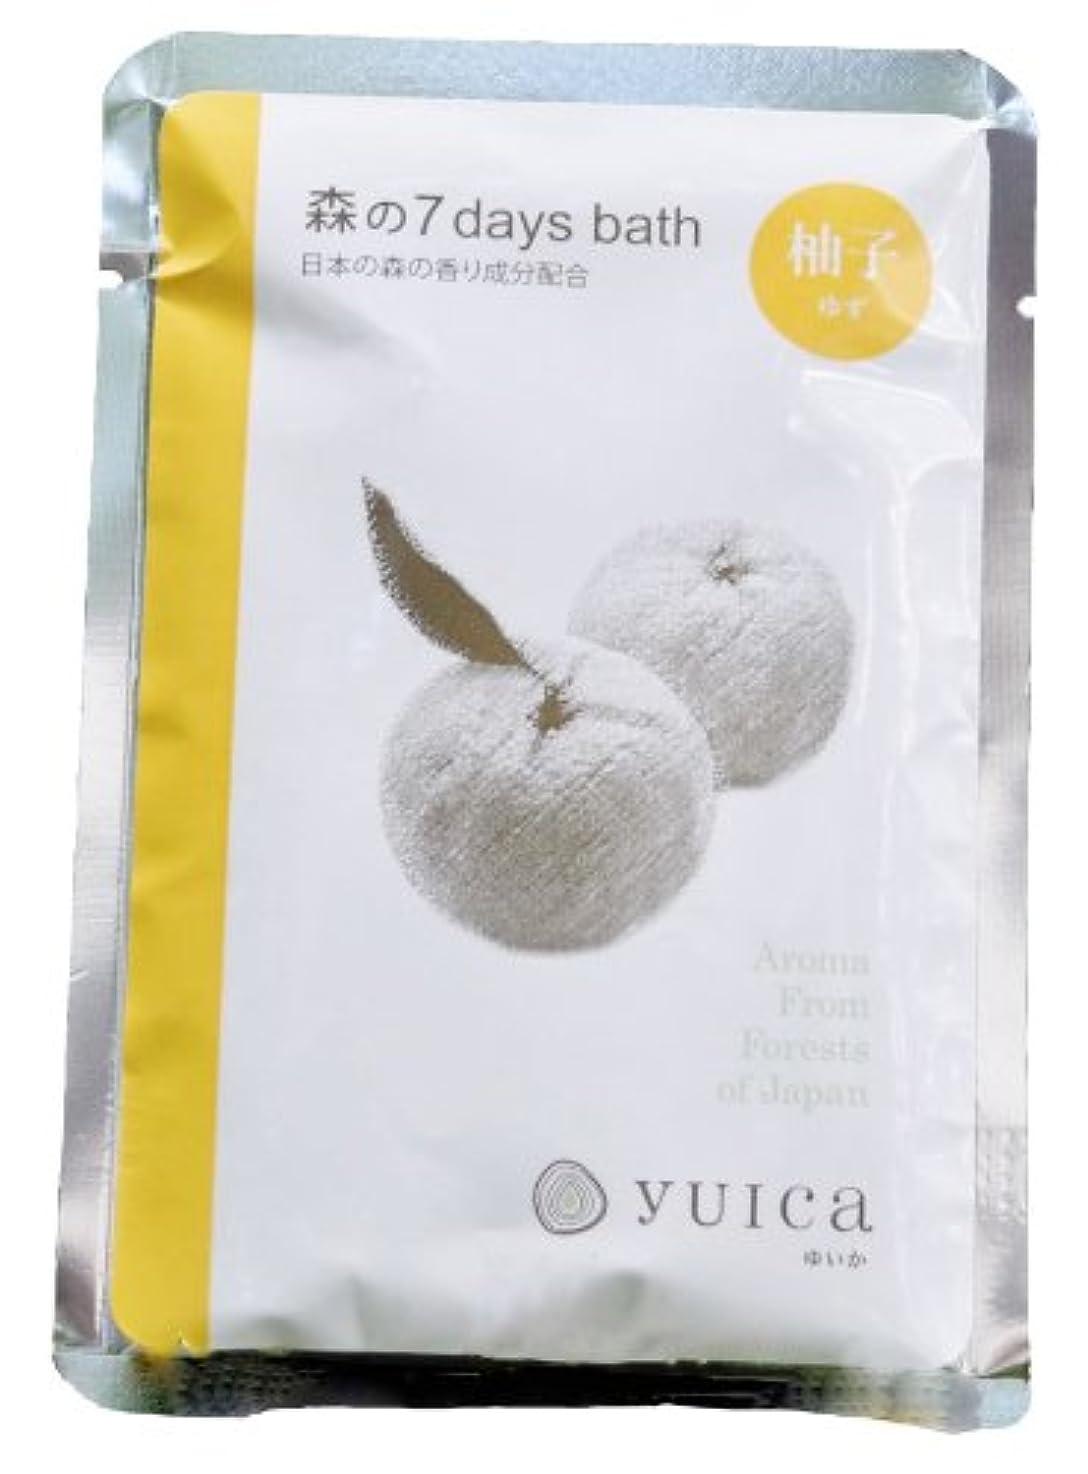 刈る深遠失yuica 森の7 days bath(入浴パウダー) ユズの香り 60g